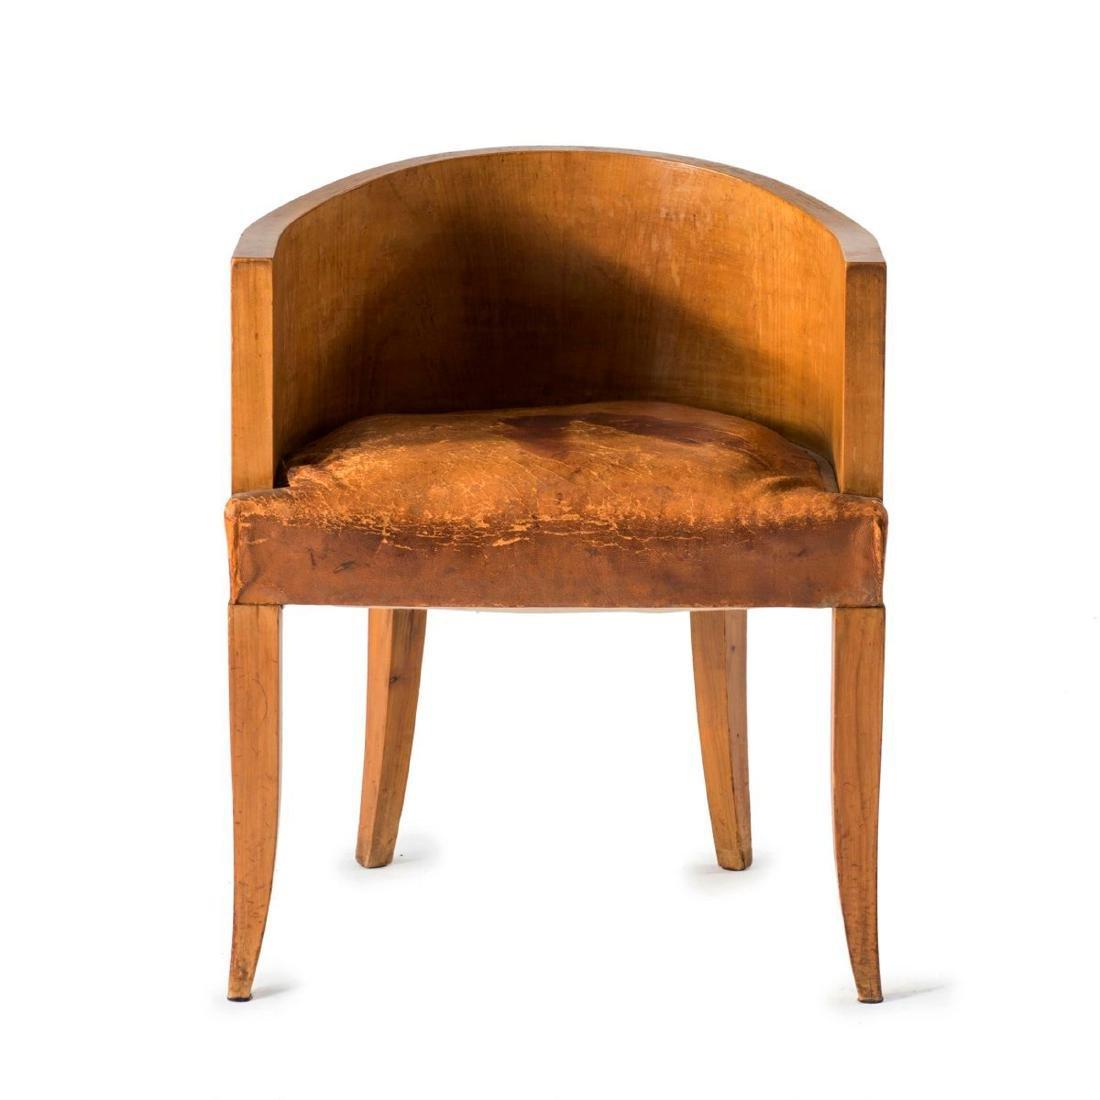 Armchair, c. 1925